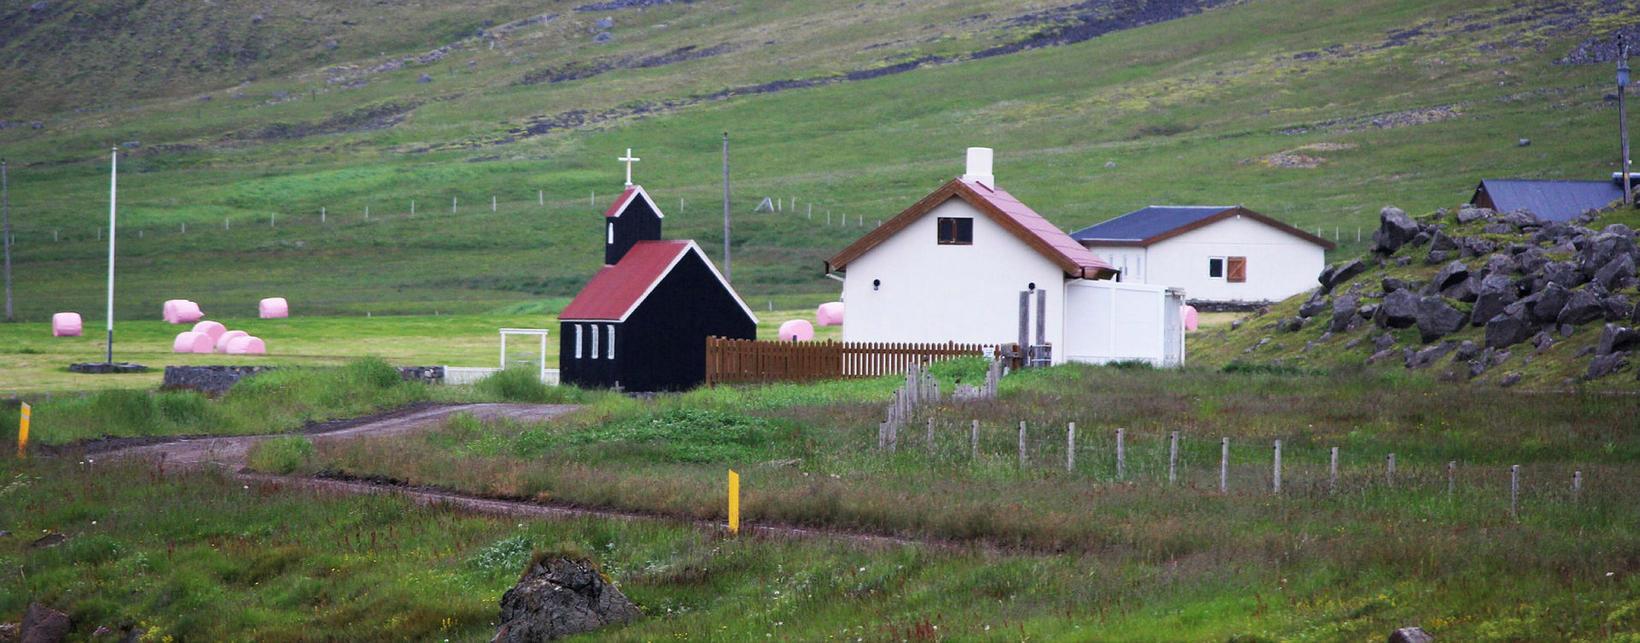 Saurbær. Kirkja, kaffistaður og íbúðarhús.